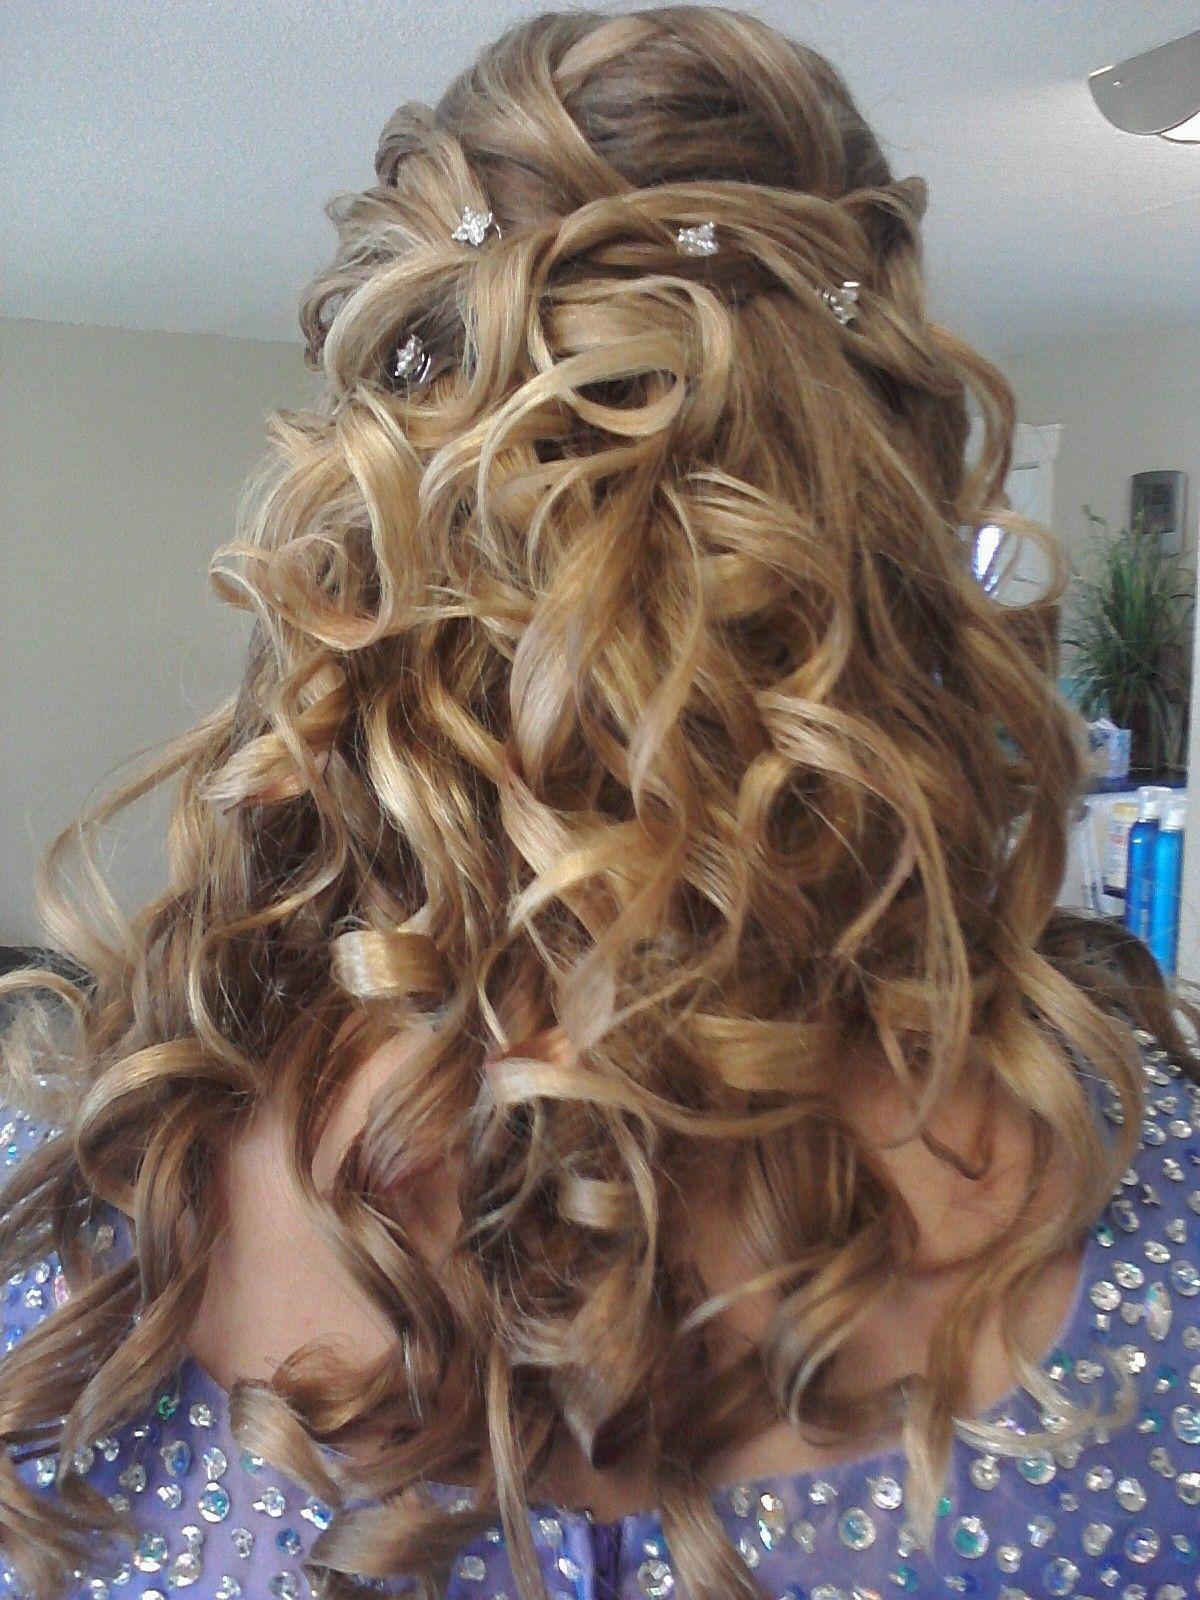 Dimitria S Hair Salon S W 8th Grade Dance Hair Pinterest Hair